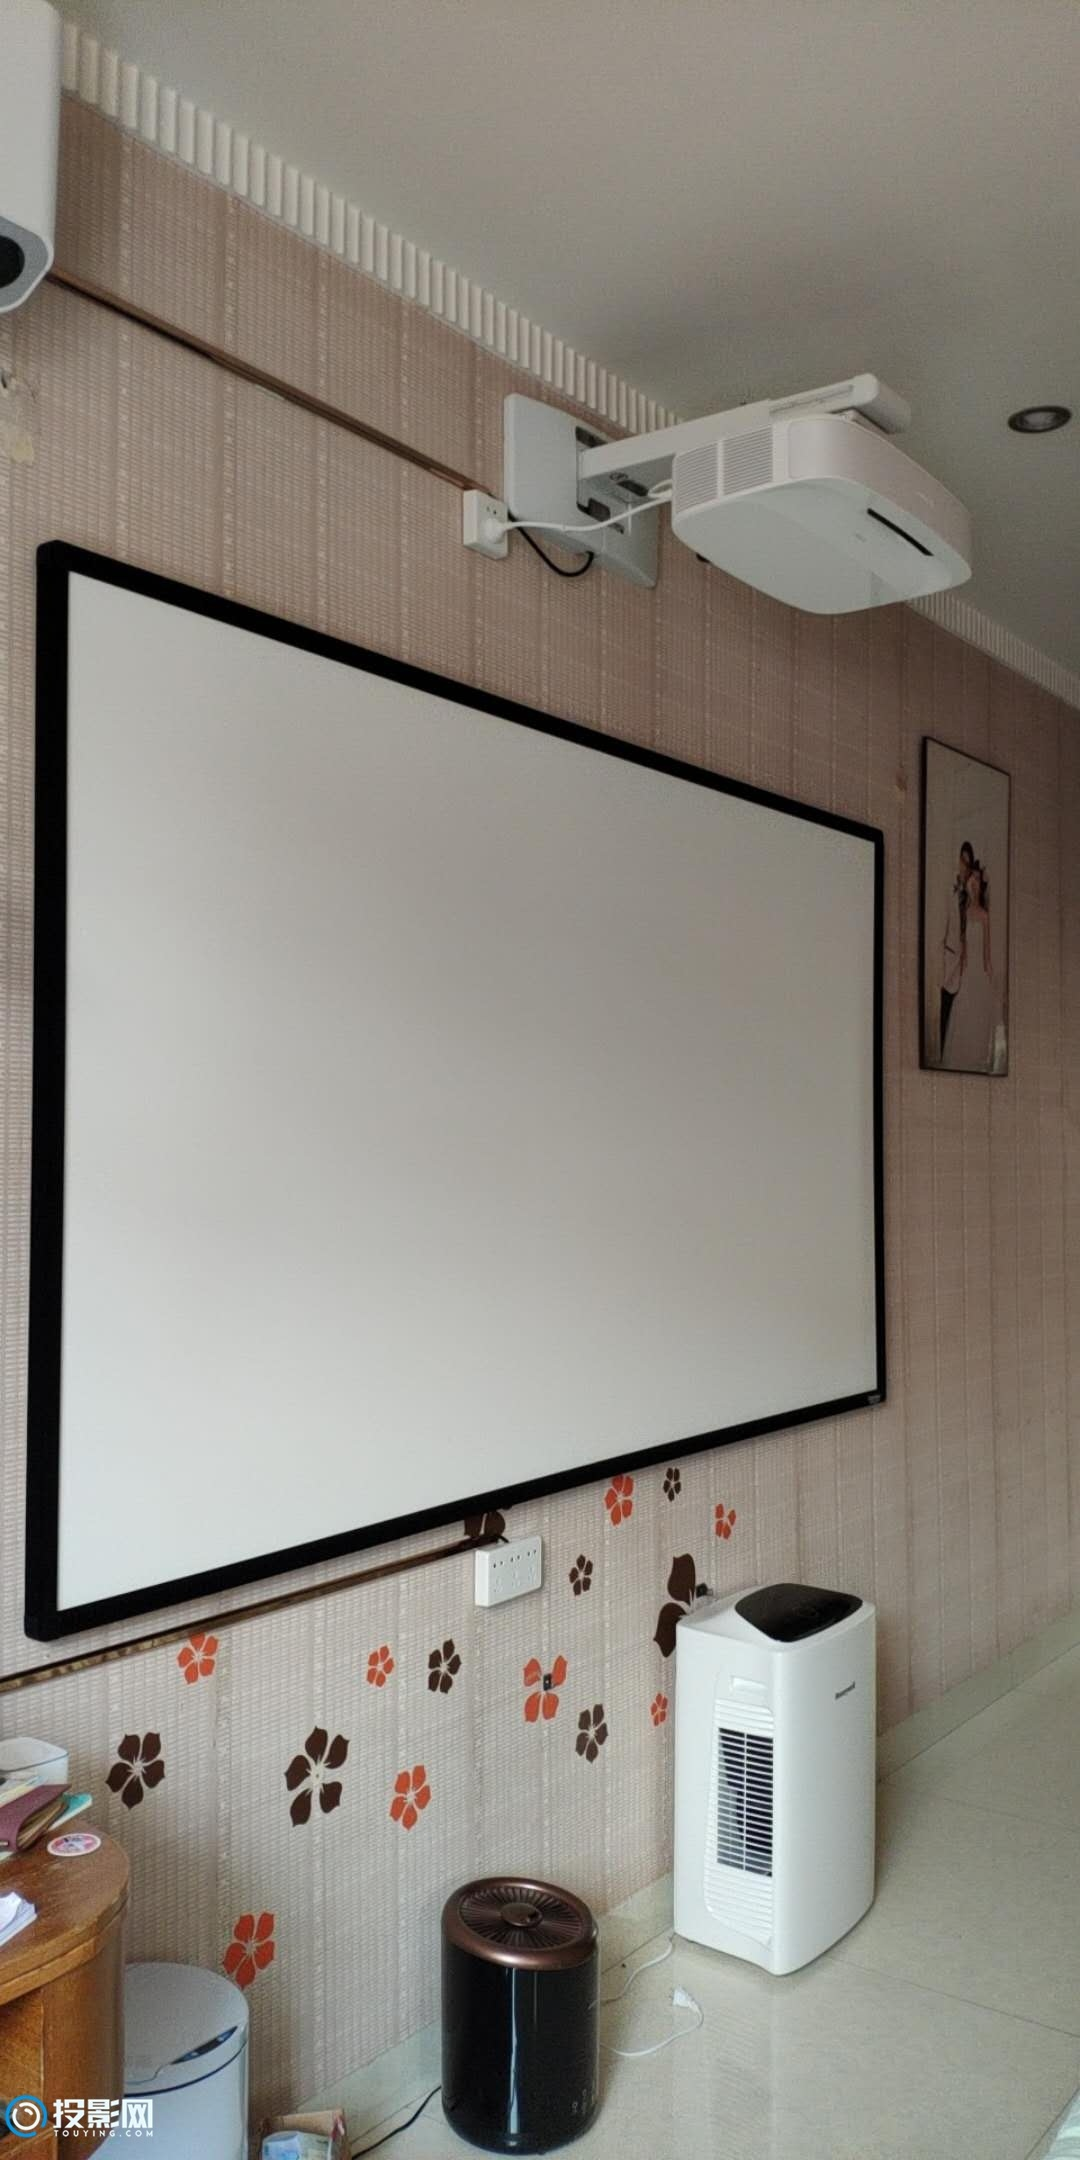 出 美视 100寸 投影 画框幕